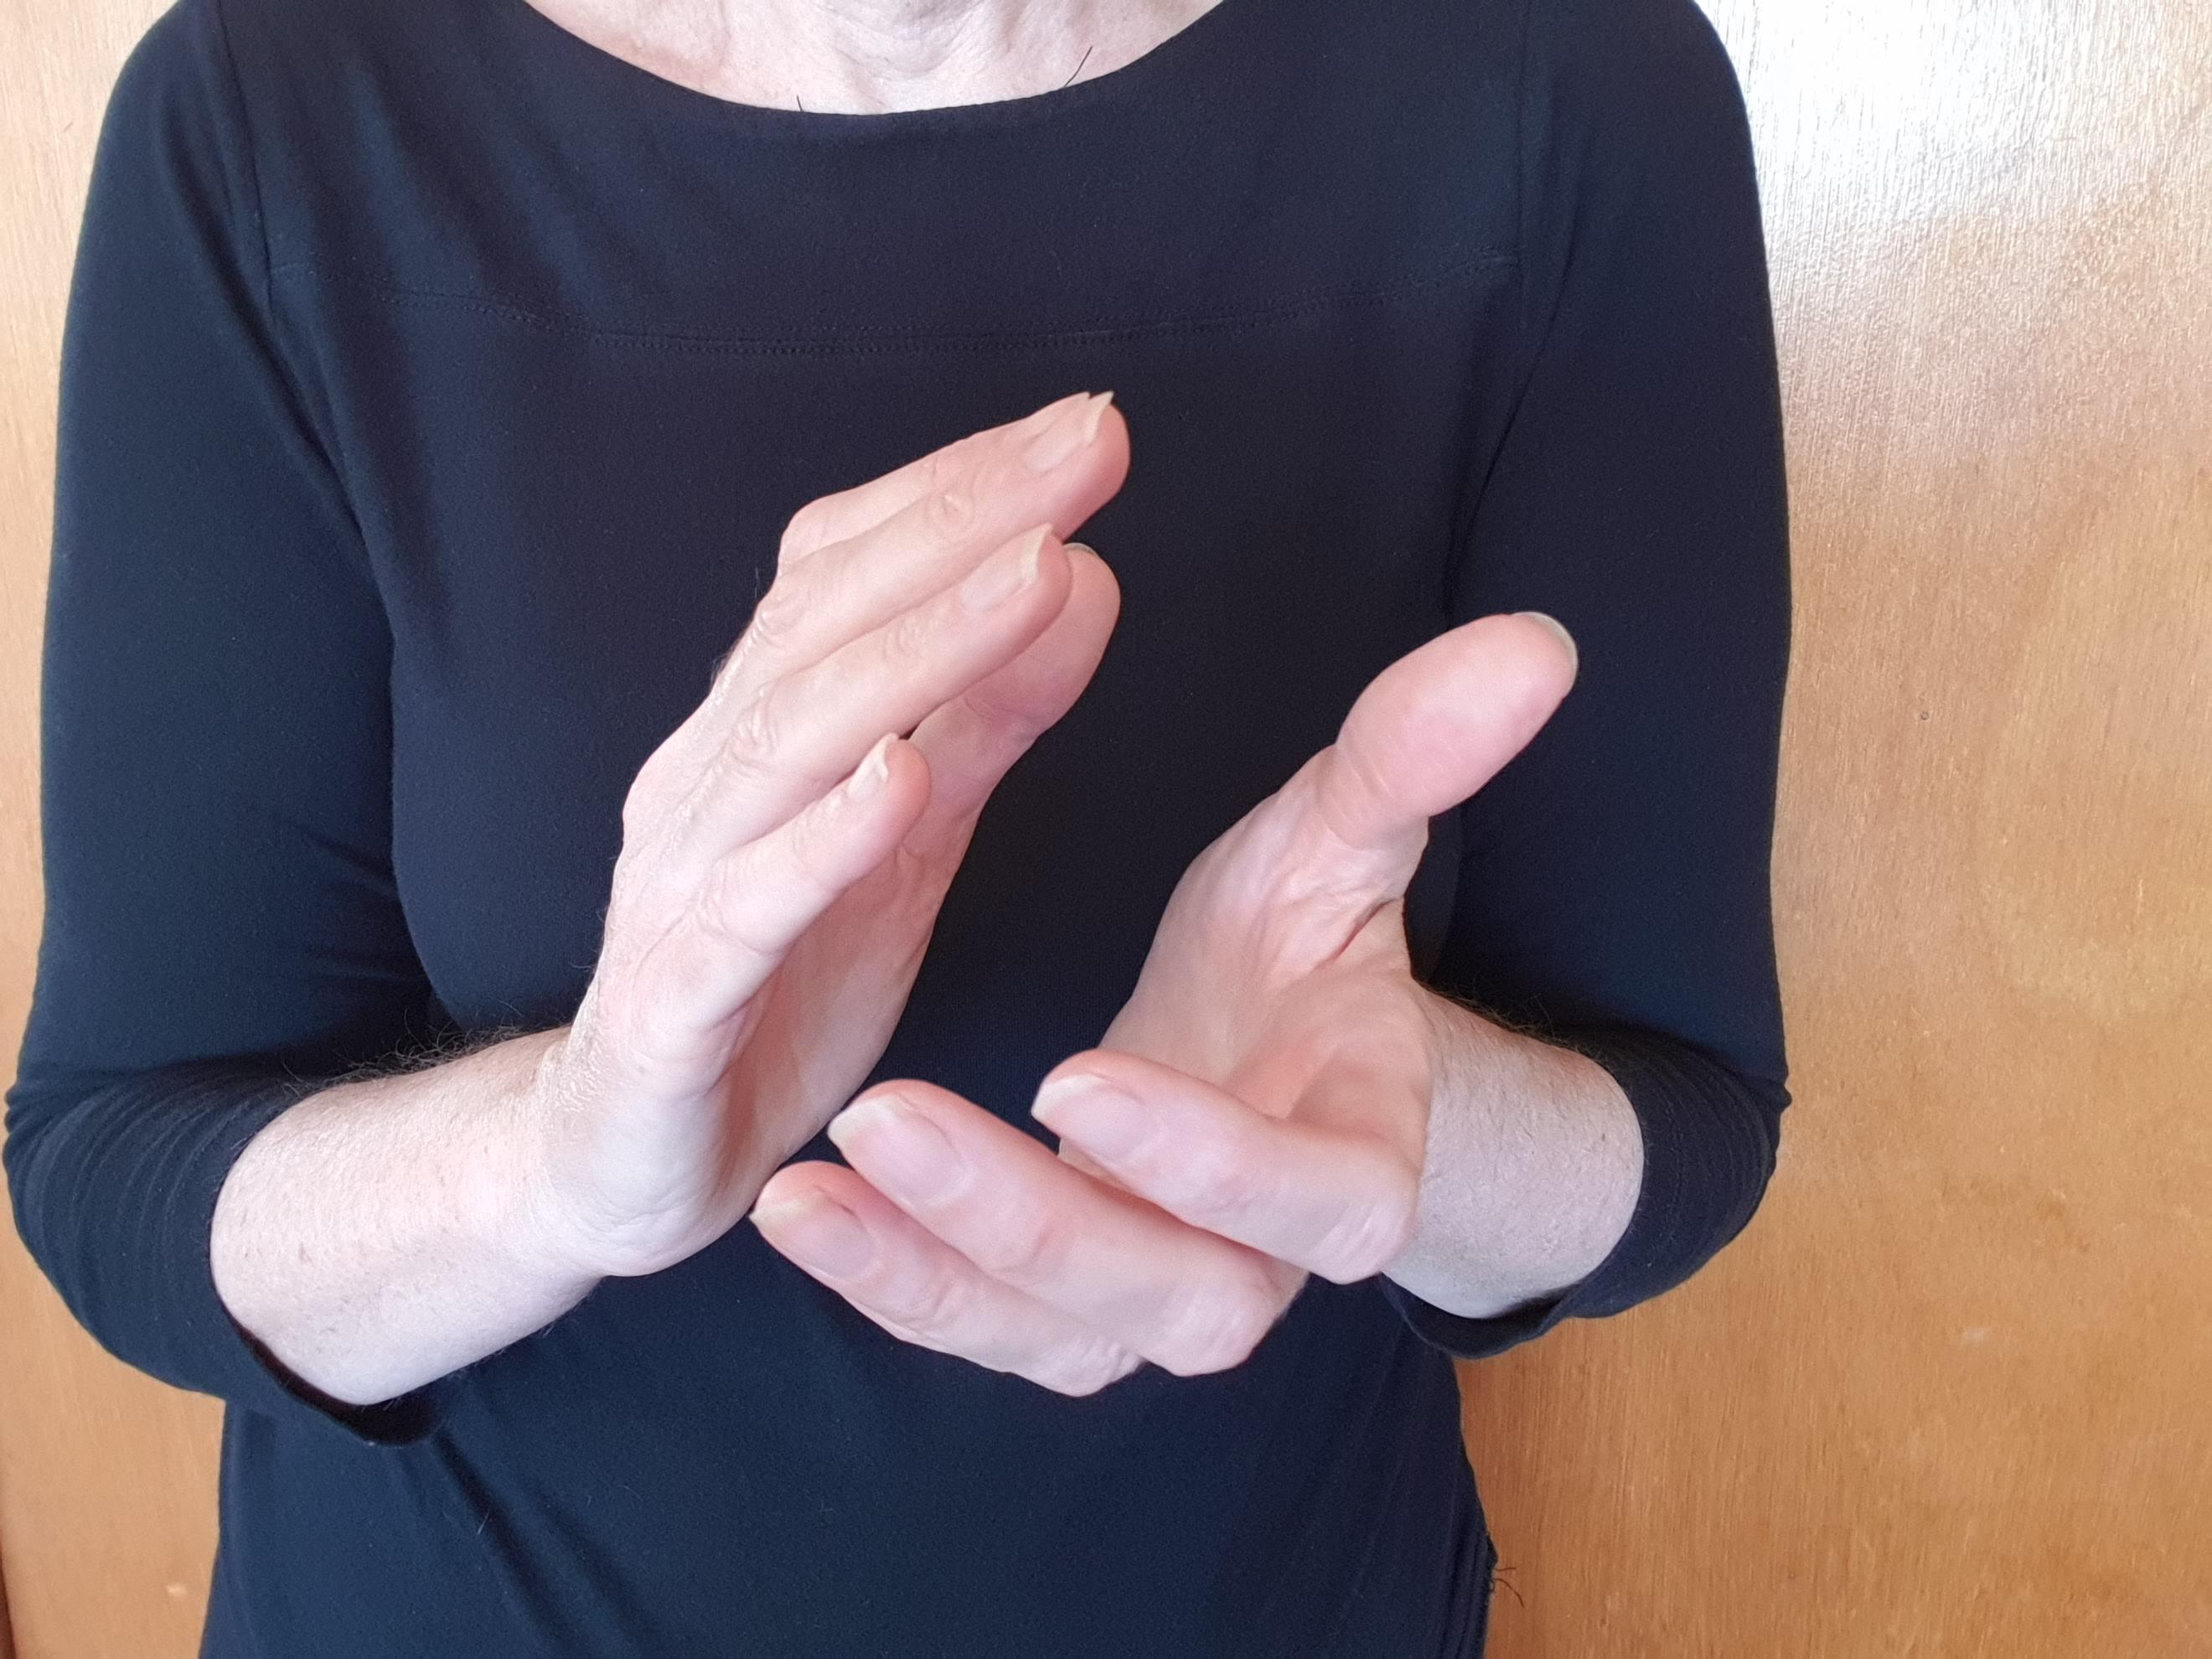 Clapping cross rhythms